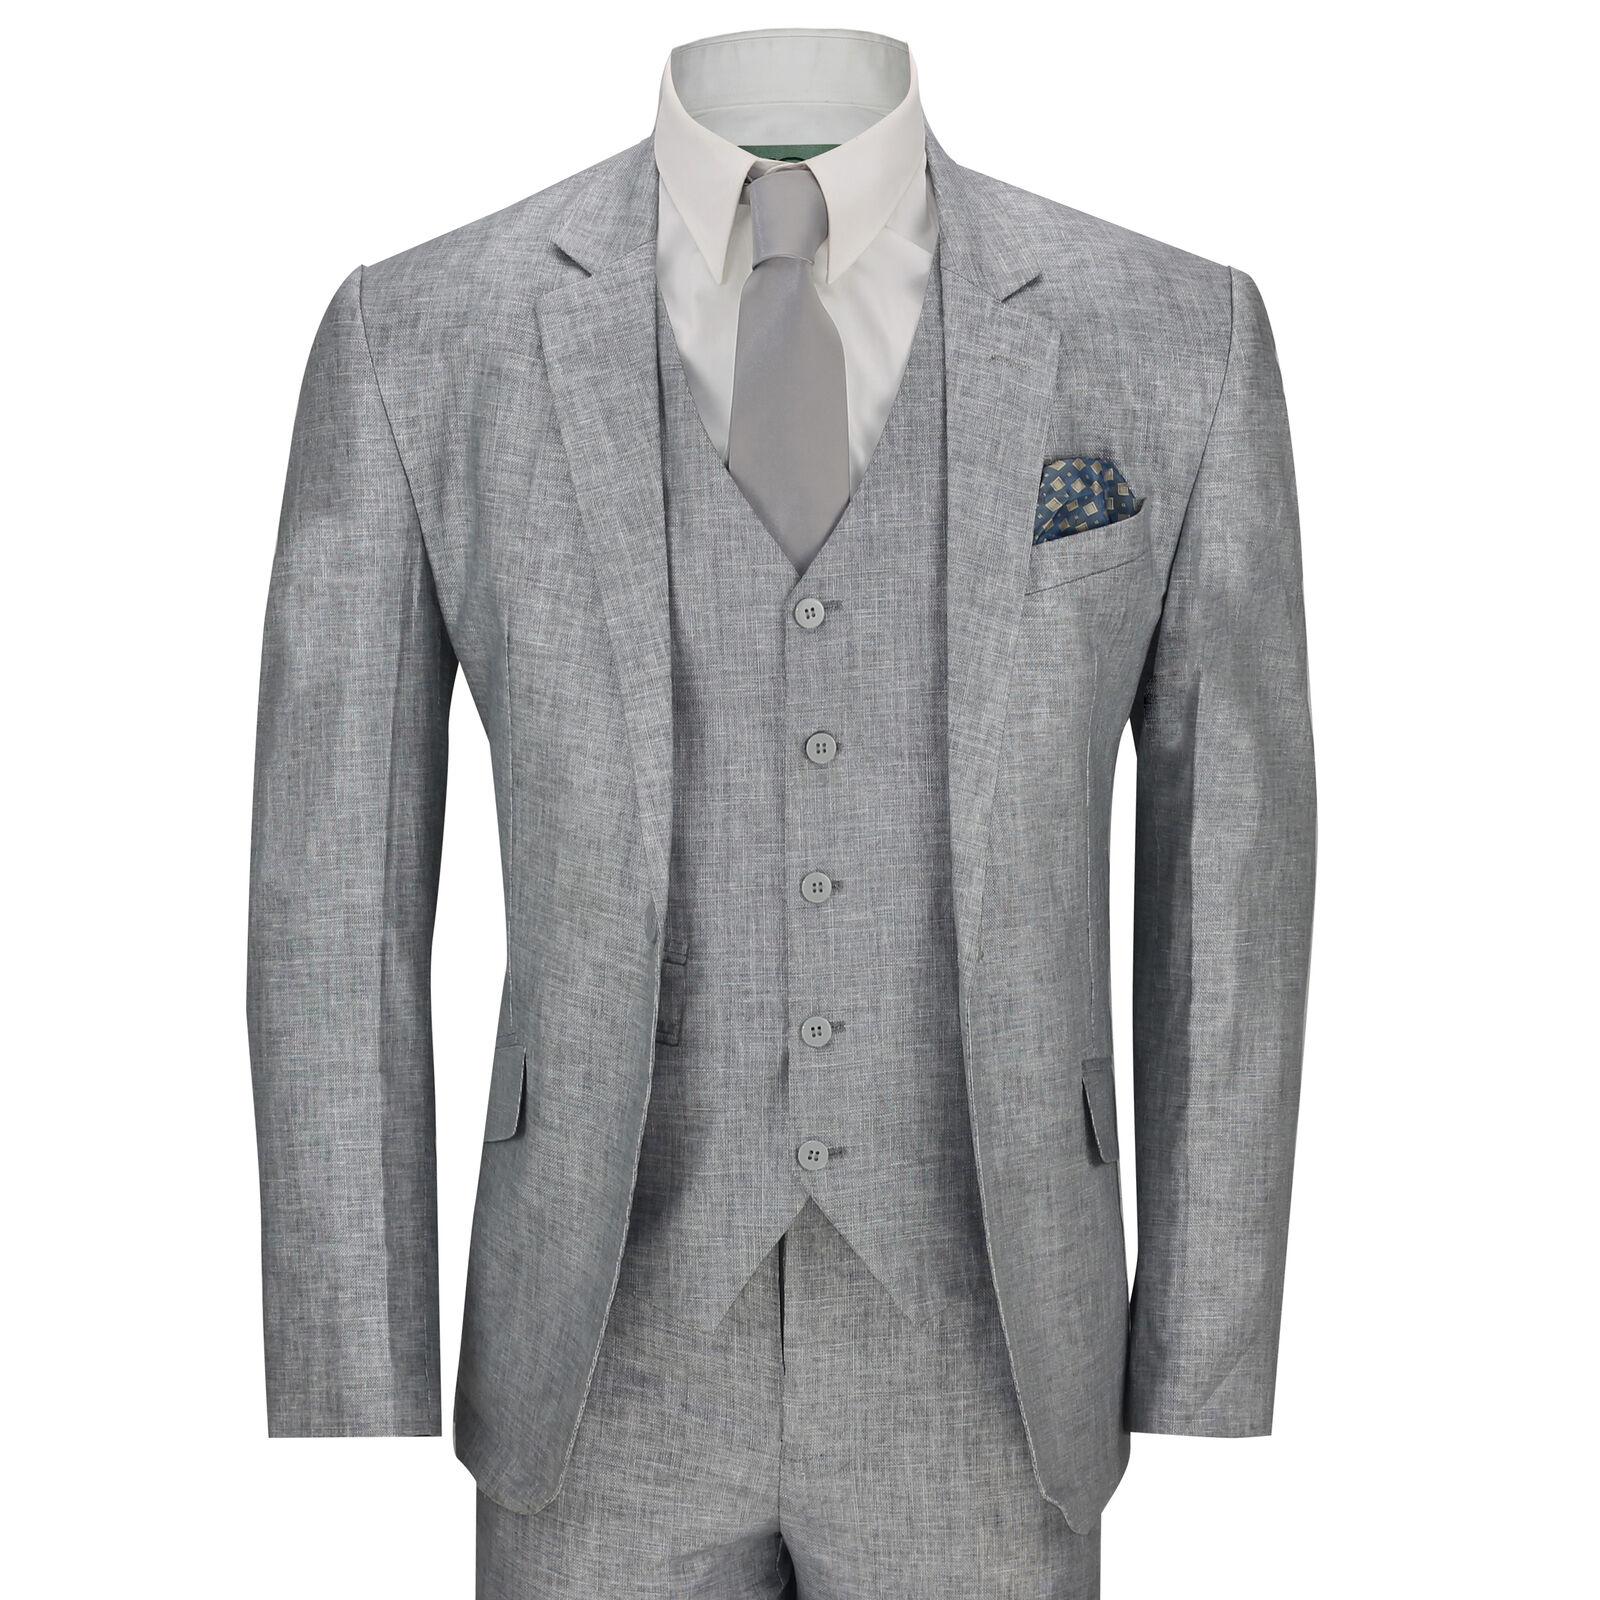 New  Herren Grau 3 Piece Cotton Linen Blend TailoROT Fit Vintage Suit Smart Casual